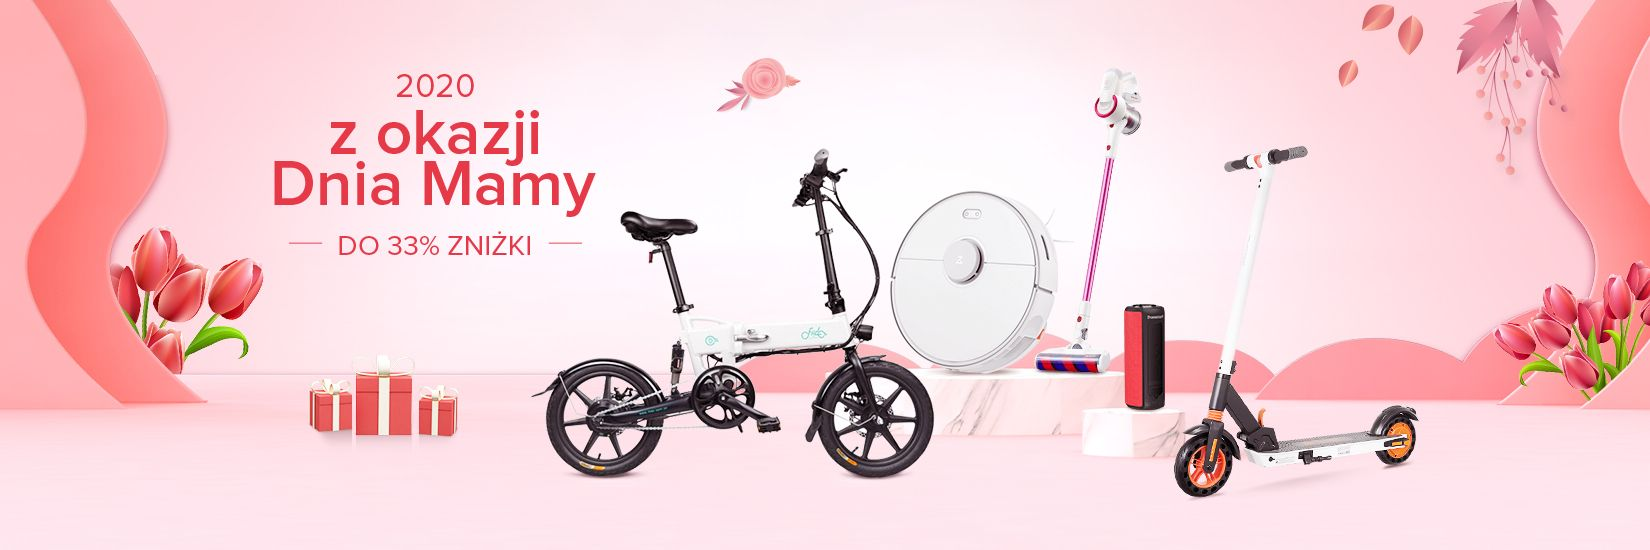 Promocja z okazji Dzień Matki 2020 - Geekbuying.pl - AGD Do 33% ZNIŻKI